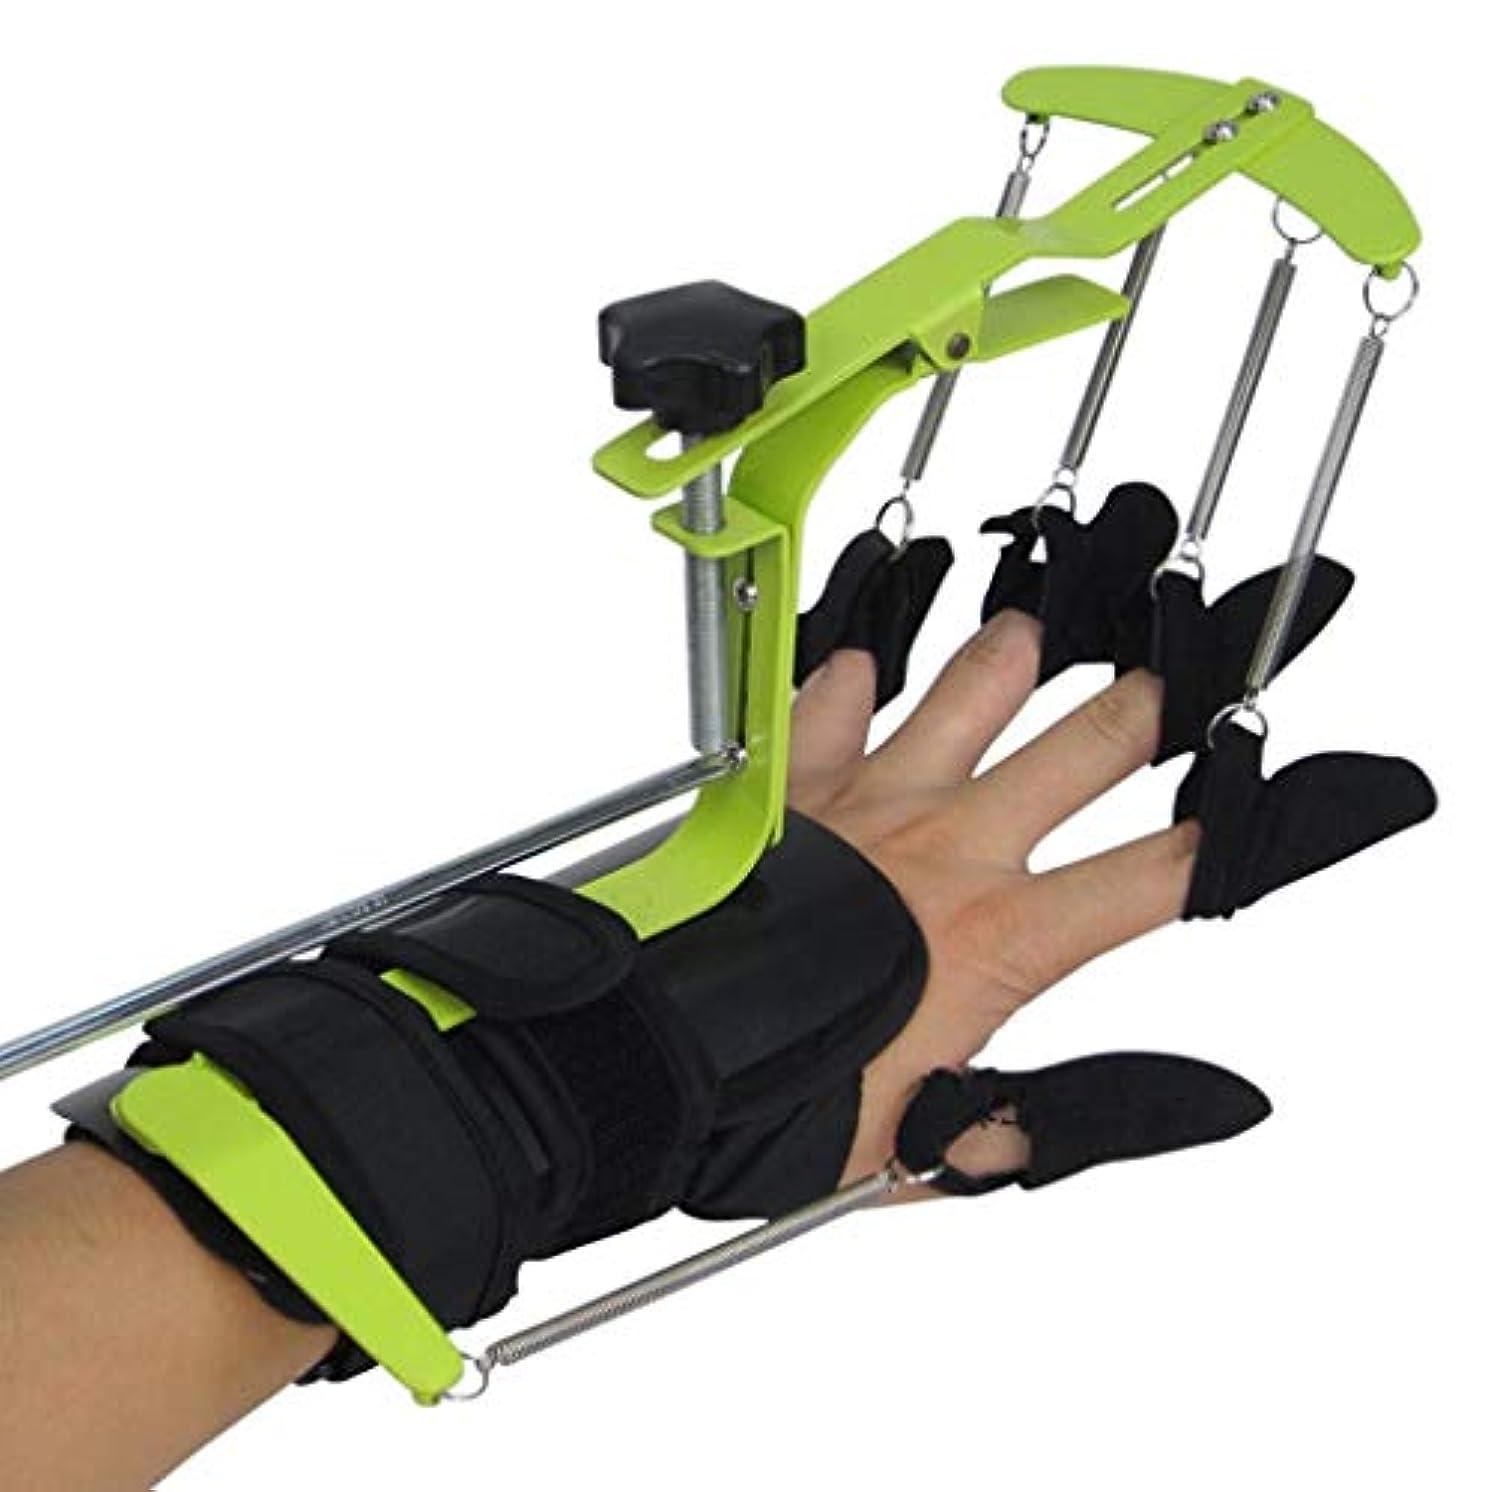 借りる腸ランドマーク調整可能 フィンガー装具 フィンガートレーニング機器 エクサ?クリップ?ボード 片麻痺の脳性麻痺リハビリテーション